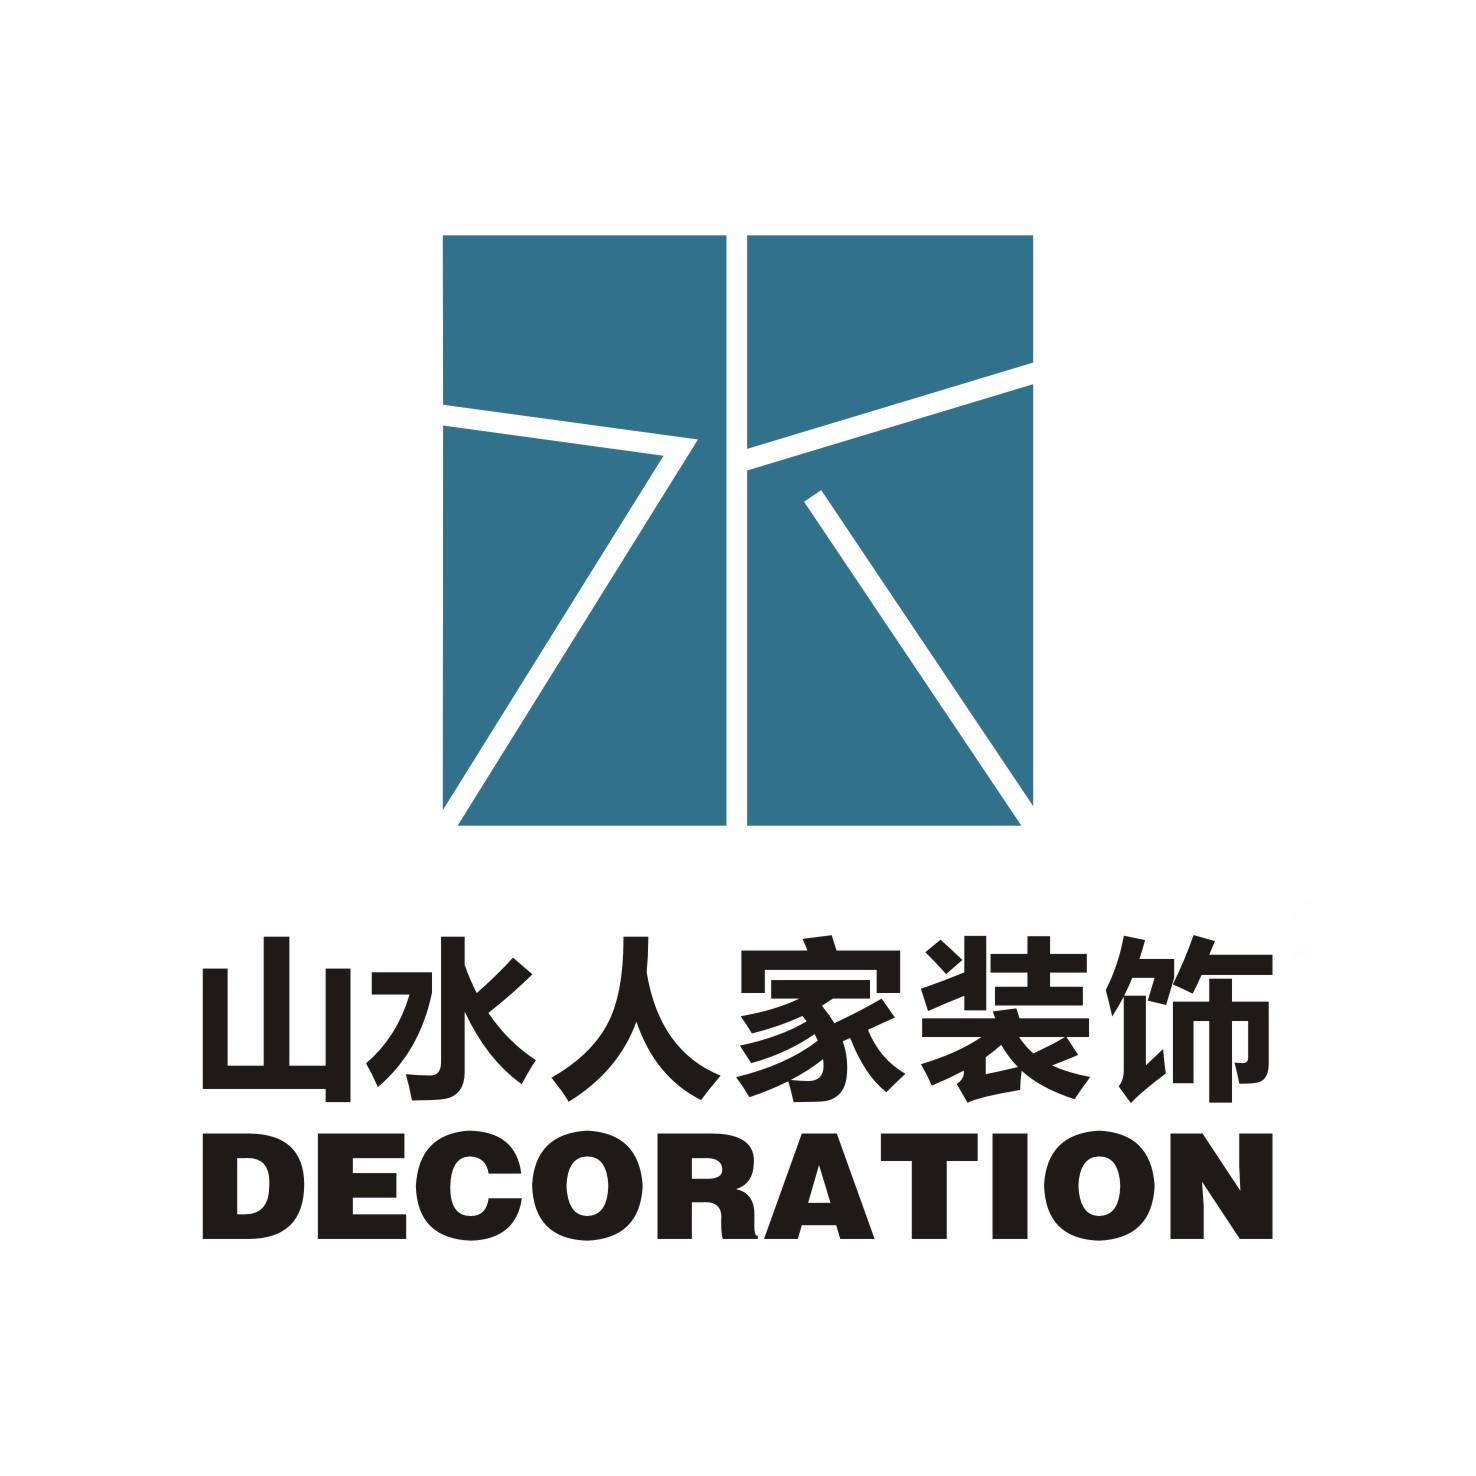 武汉山水人家家居装饰设计有限公司 - 武汉装修公司